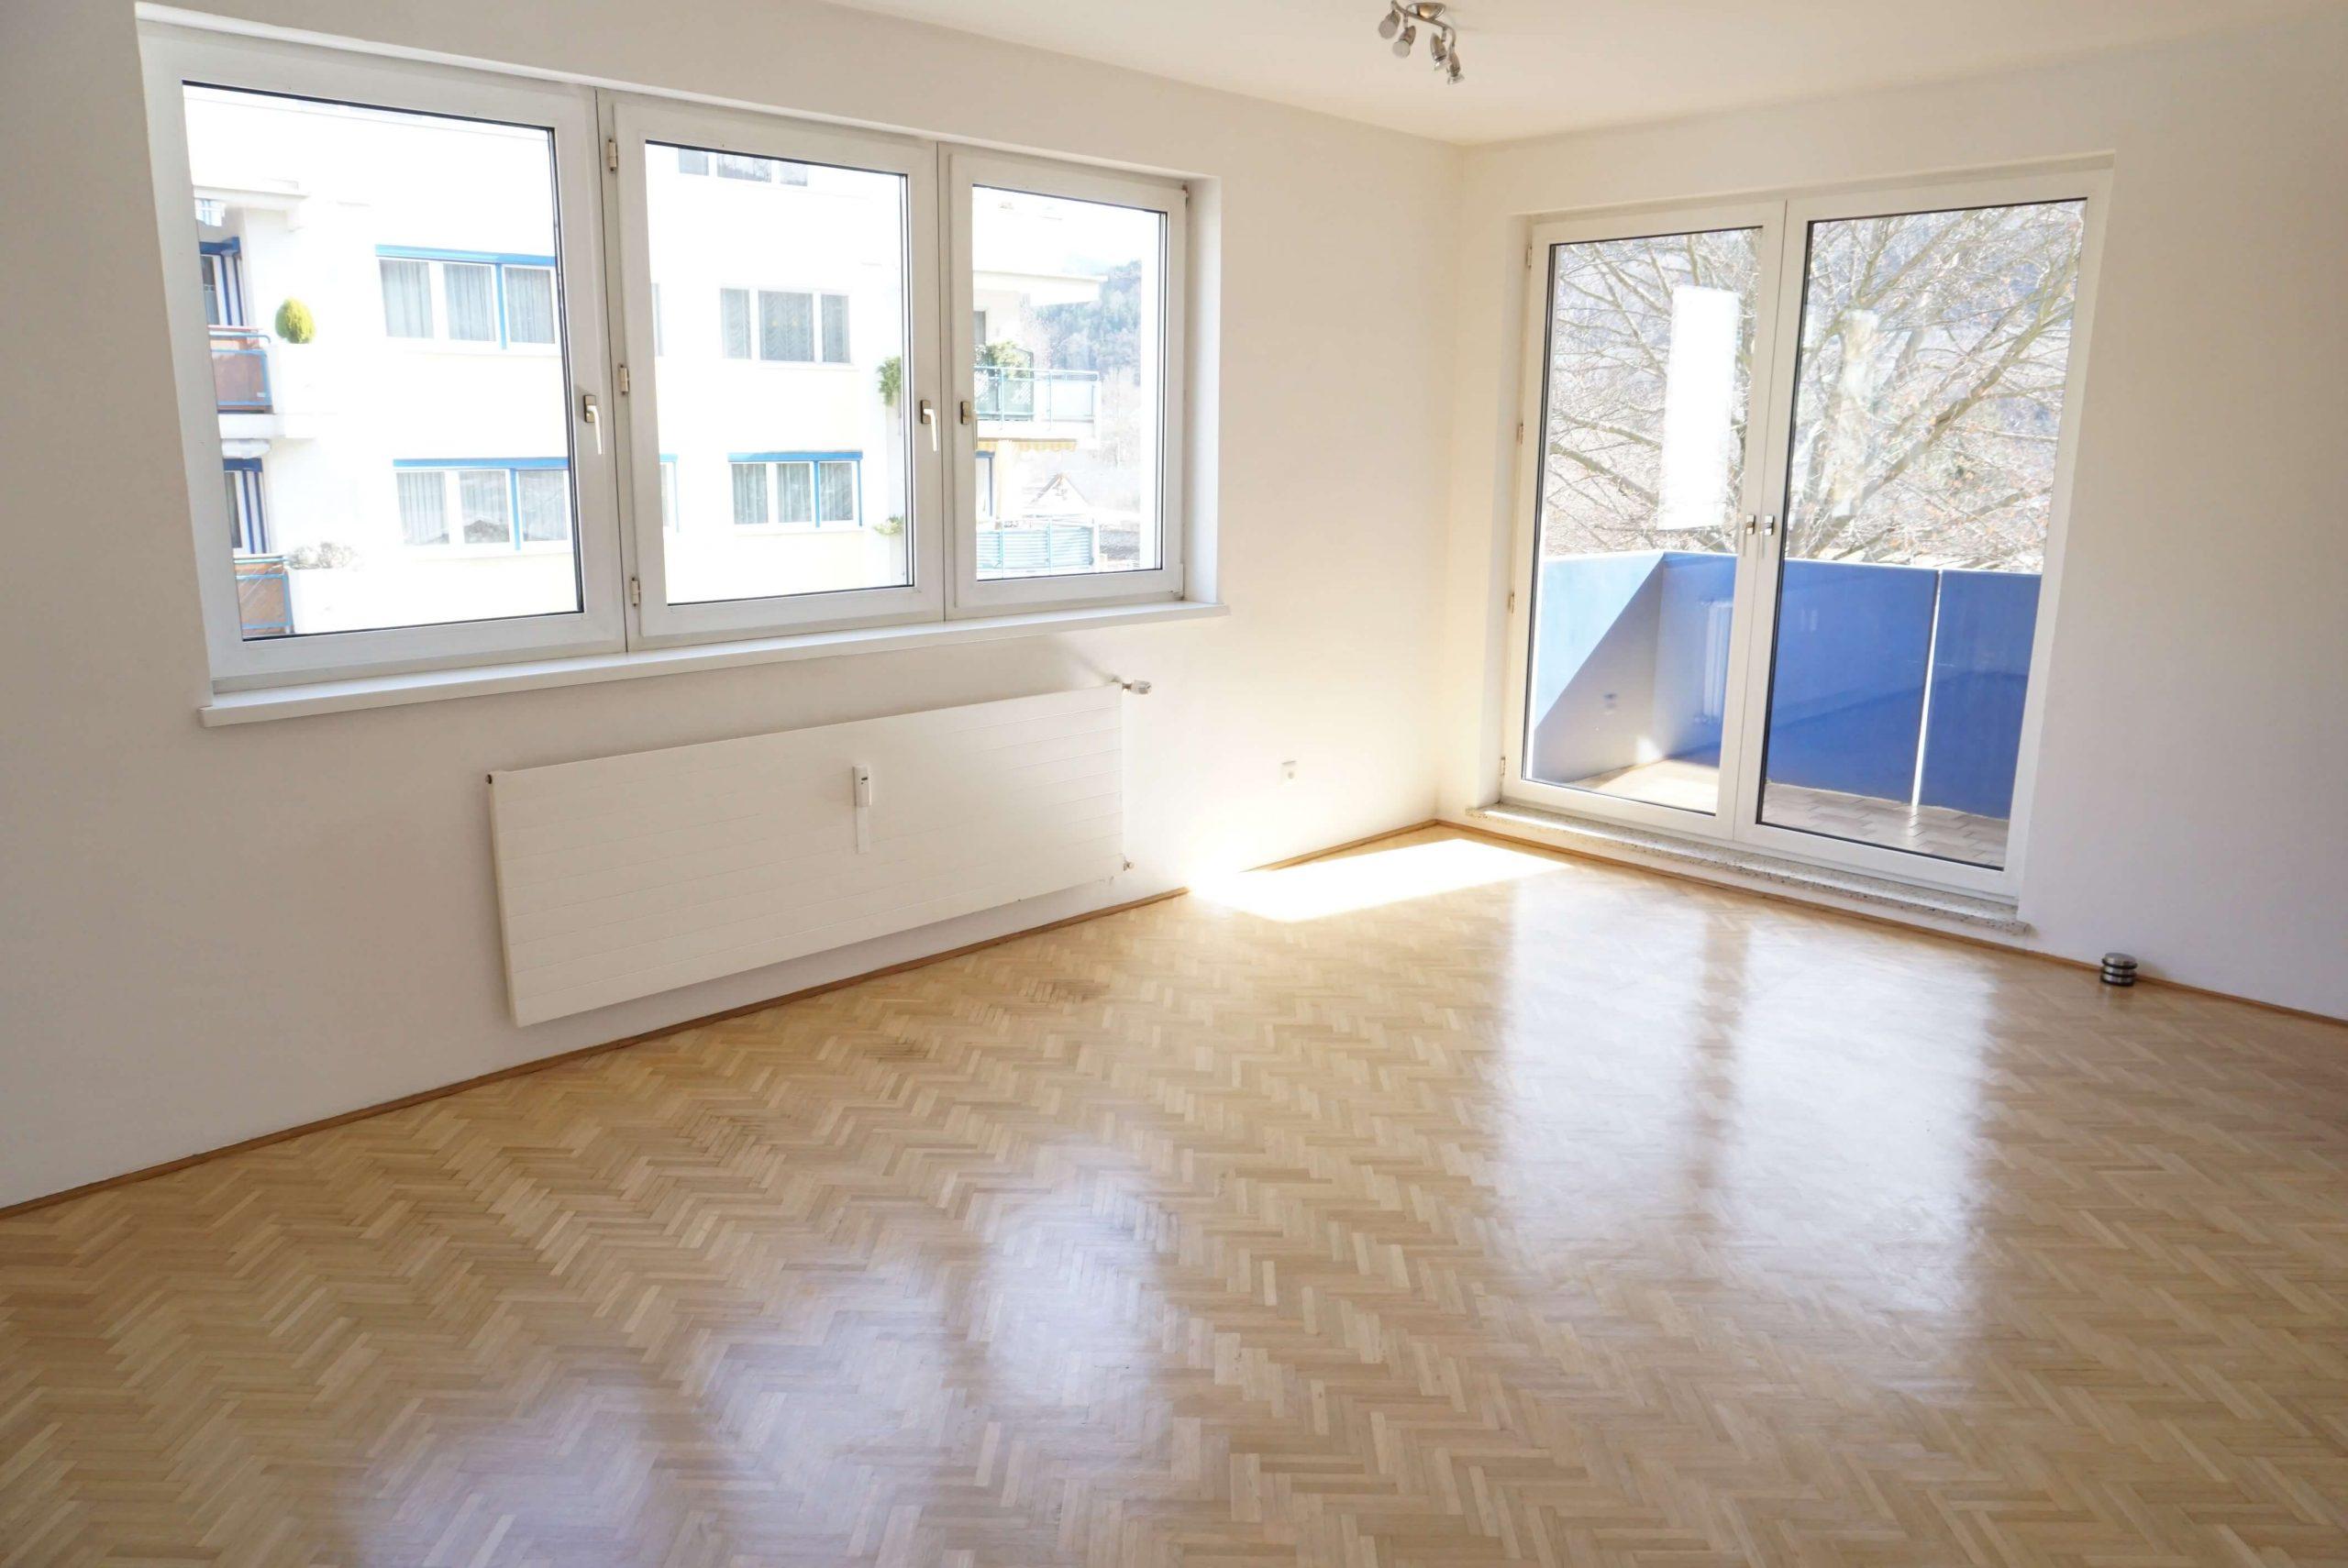 Bruck/Mur-Paulahofsiedlung: Schöne 2-Zimmer Wohnung